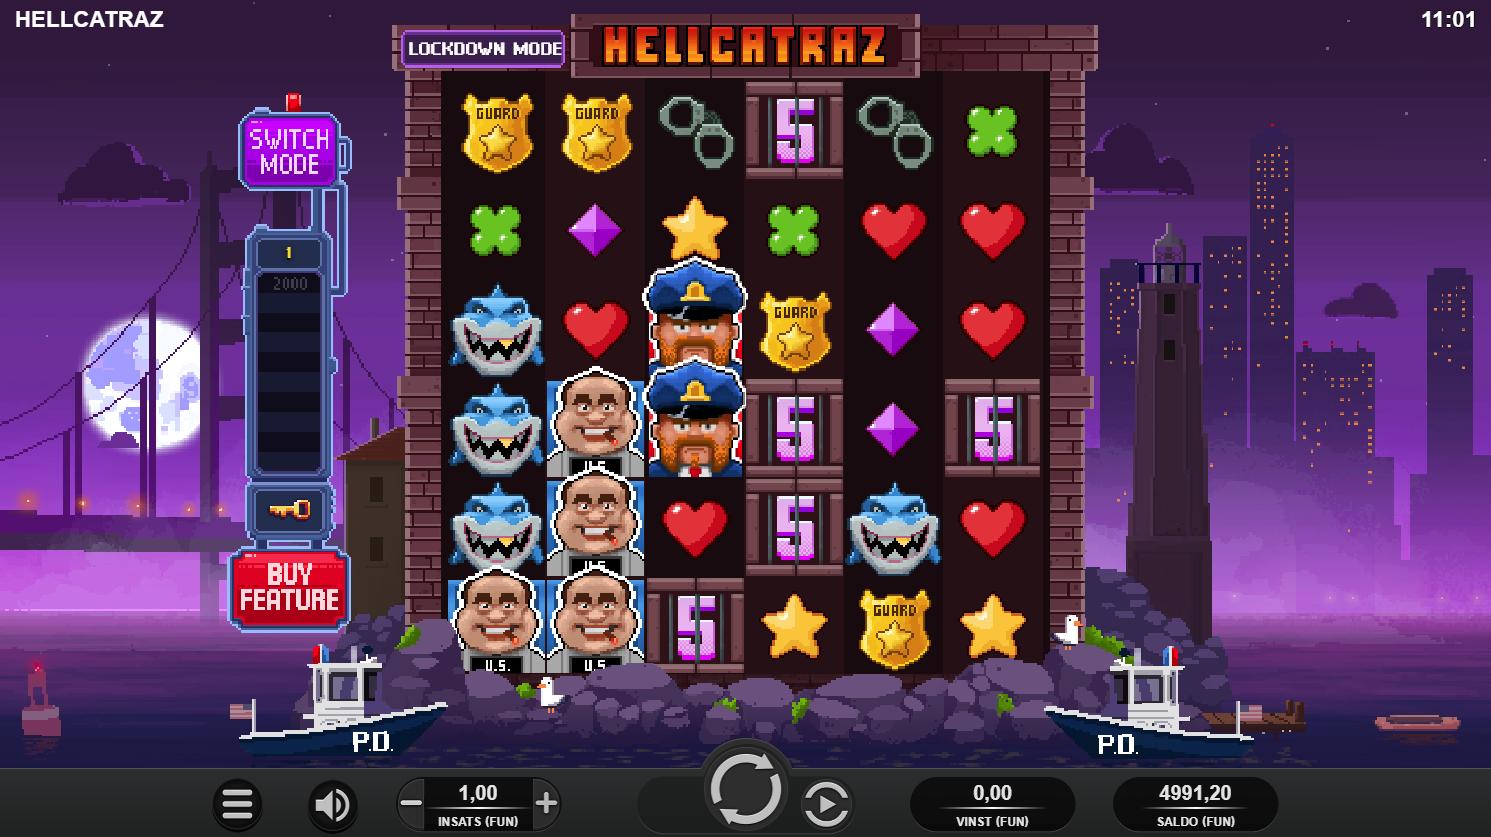 hellcatraz-slot